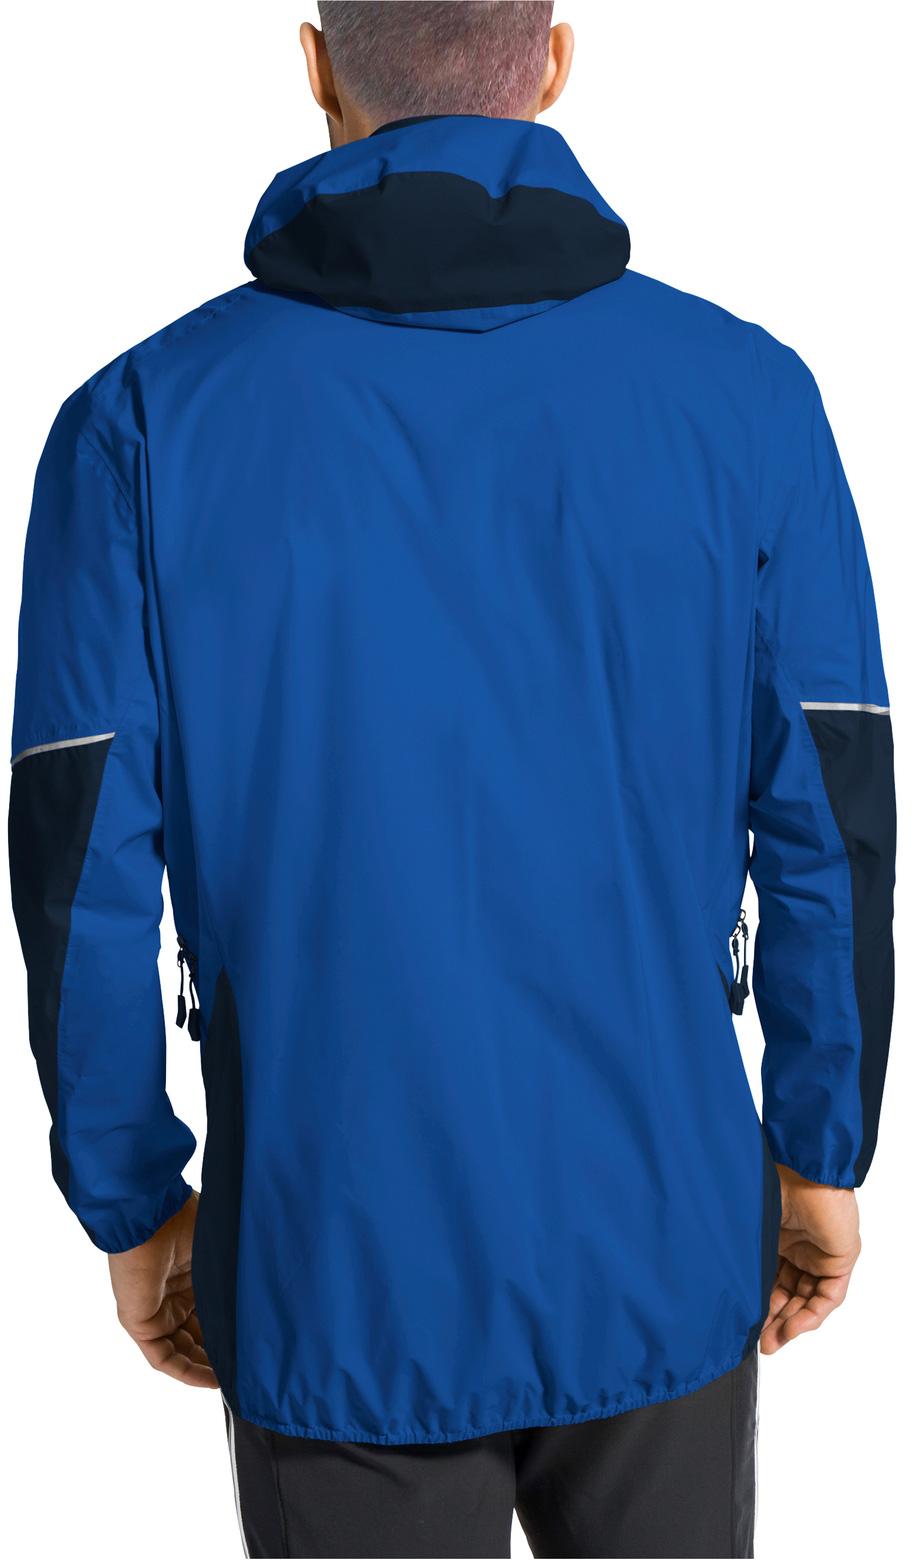 Bild von Vaude Larice 2,5L Jacket II - signal blue